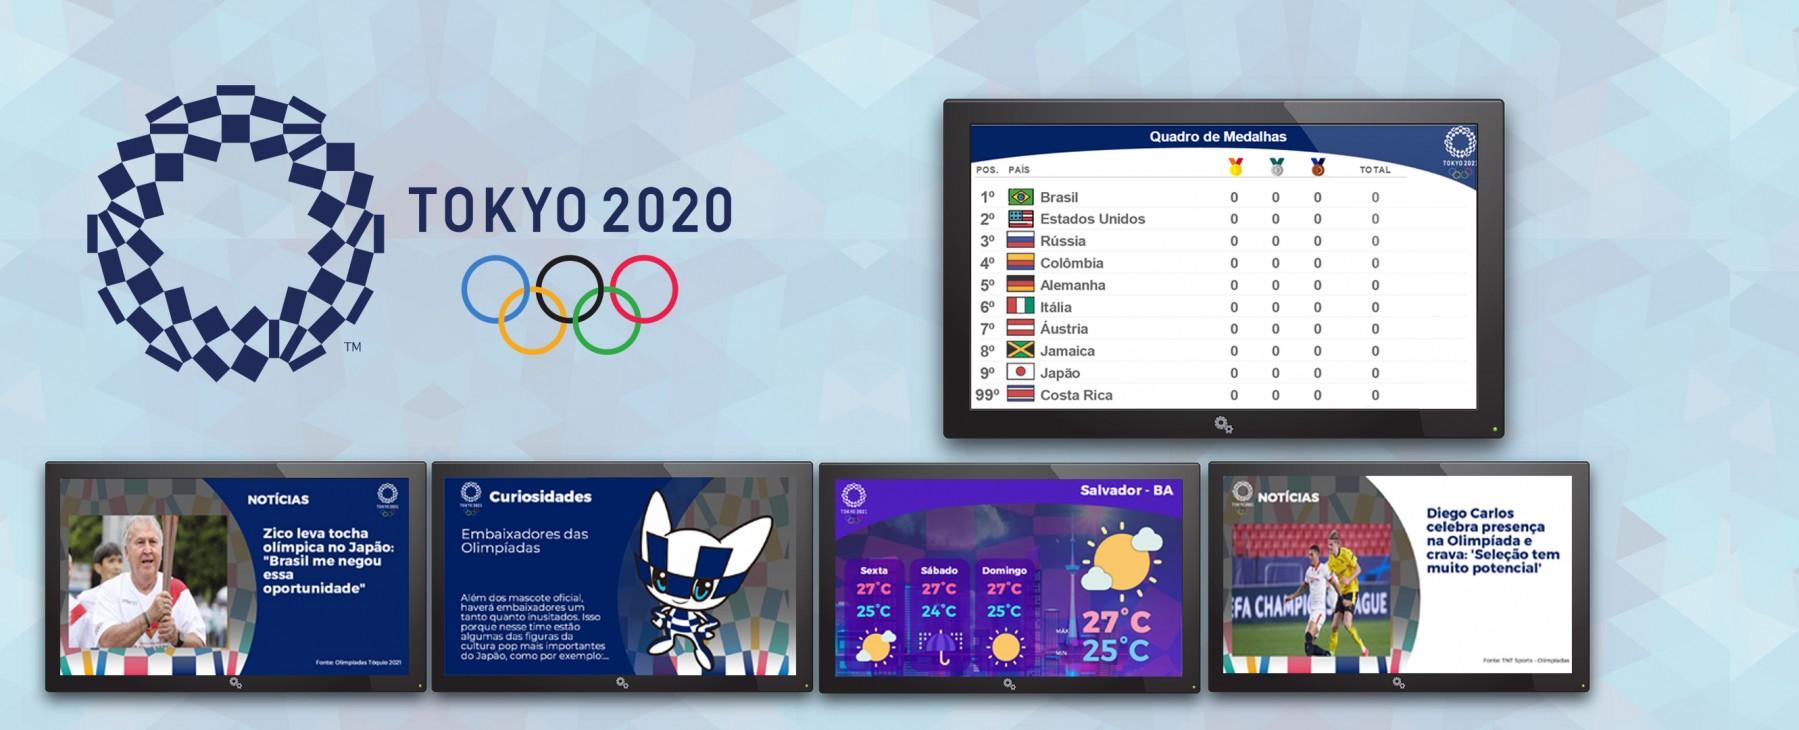 Olimpíadas Tokio 2020